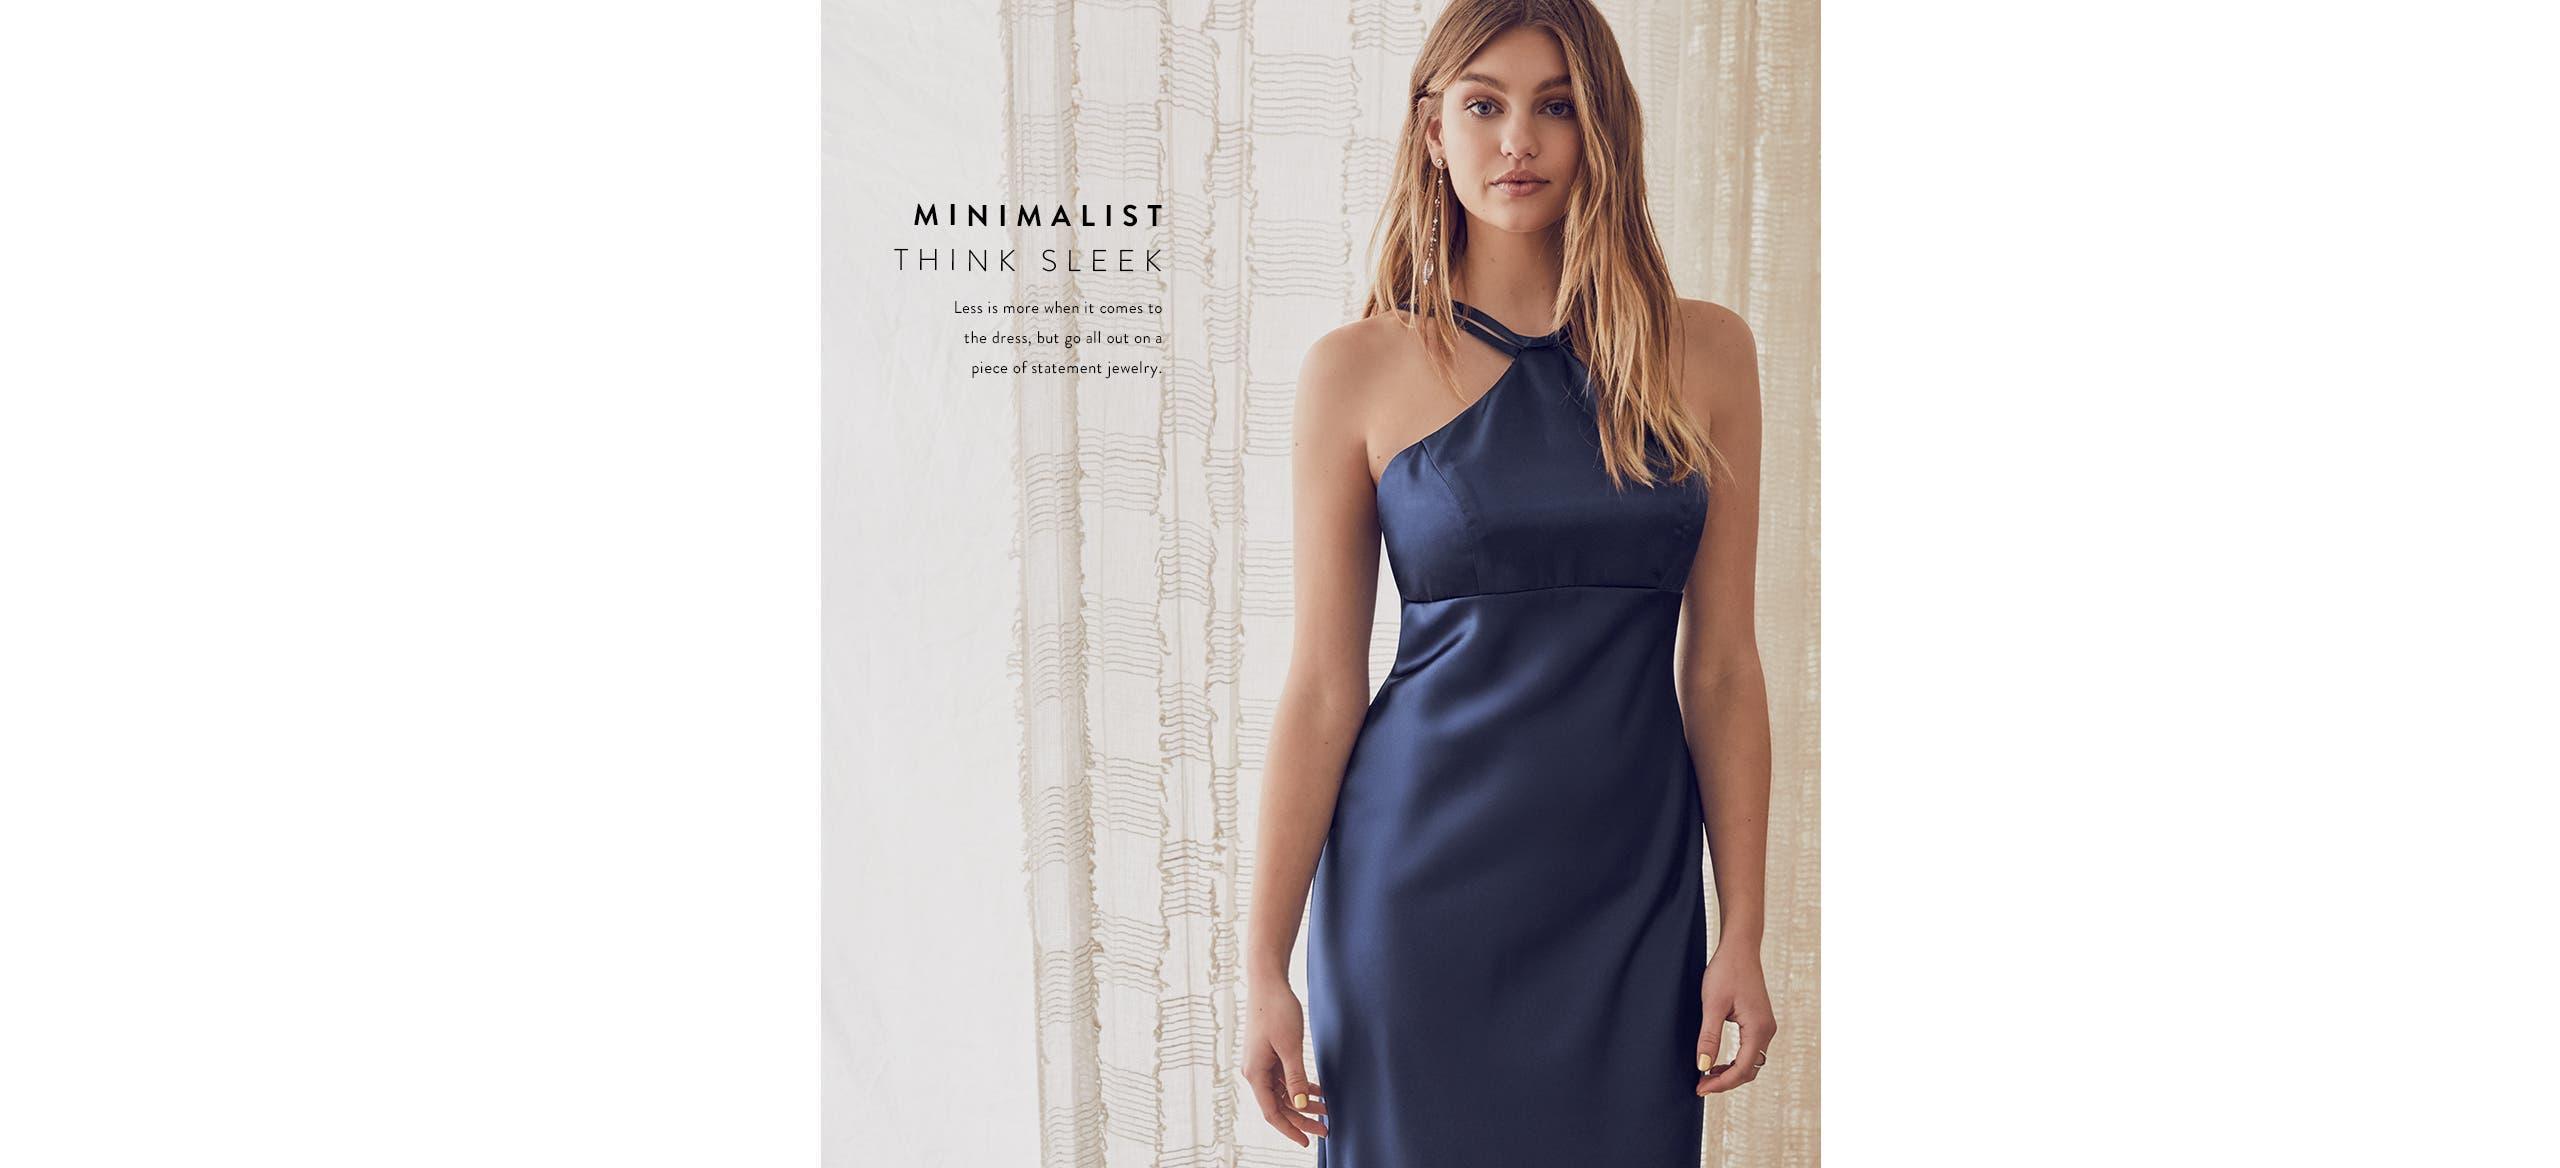 Minimalist prom dresses. Think sleek.